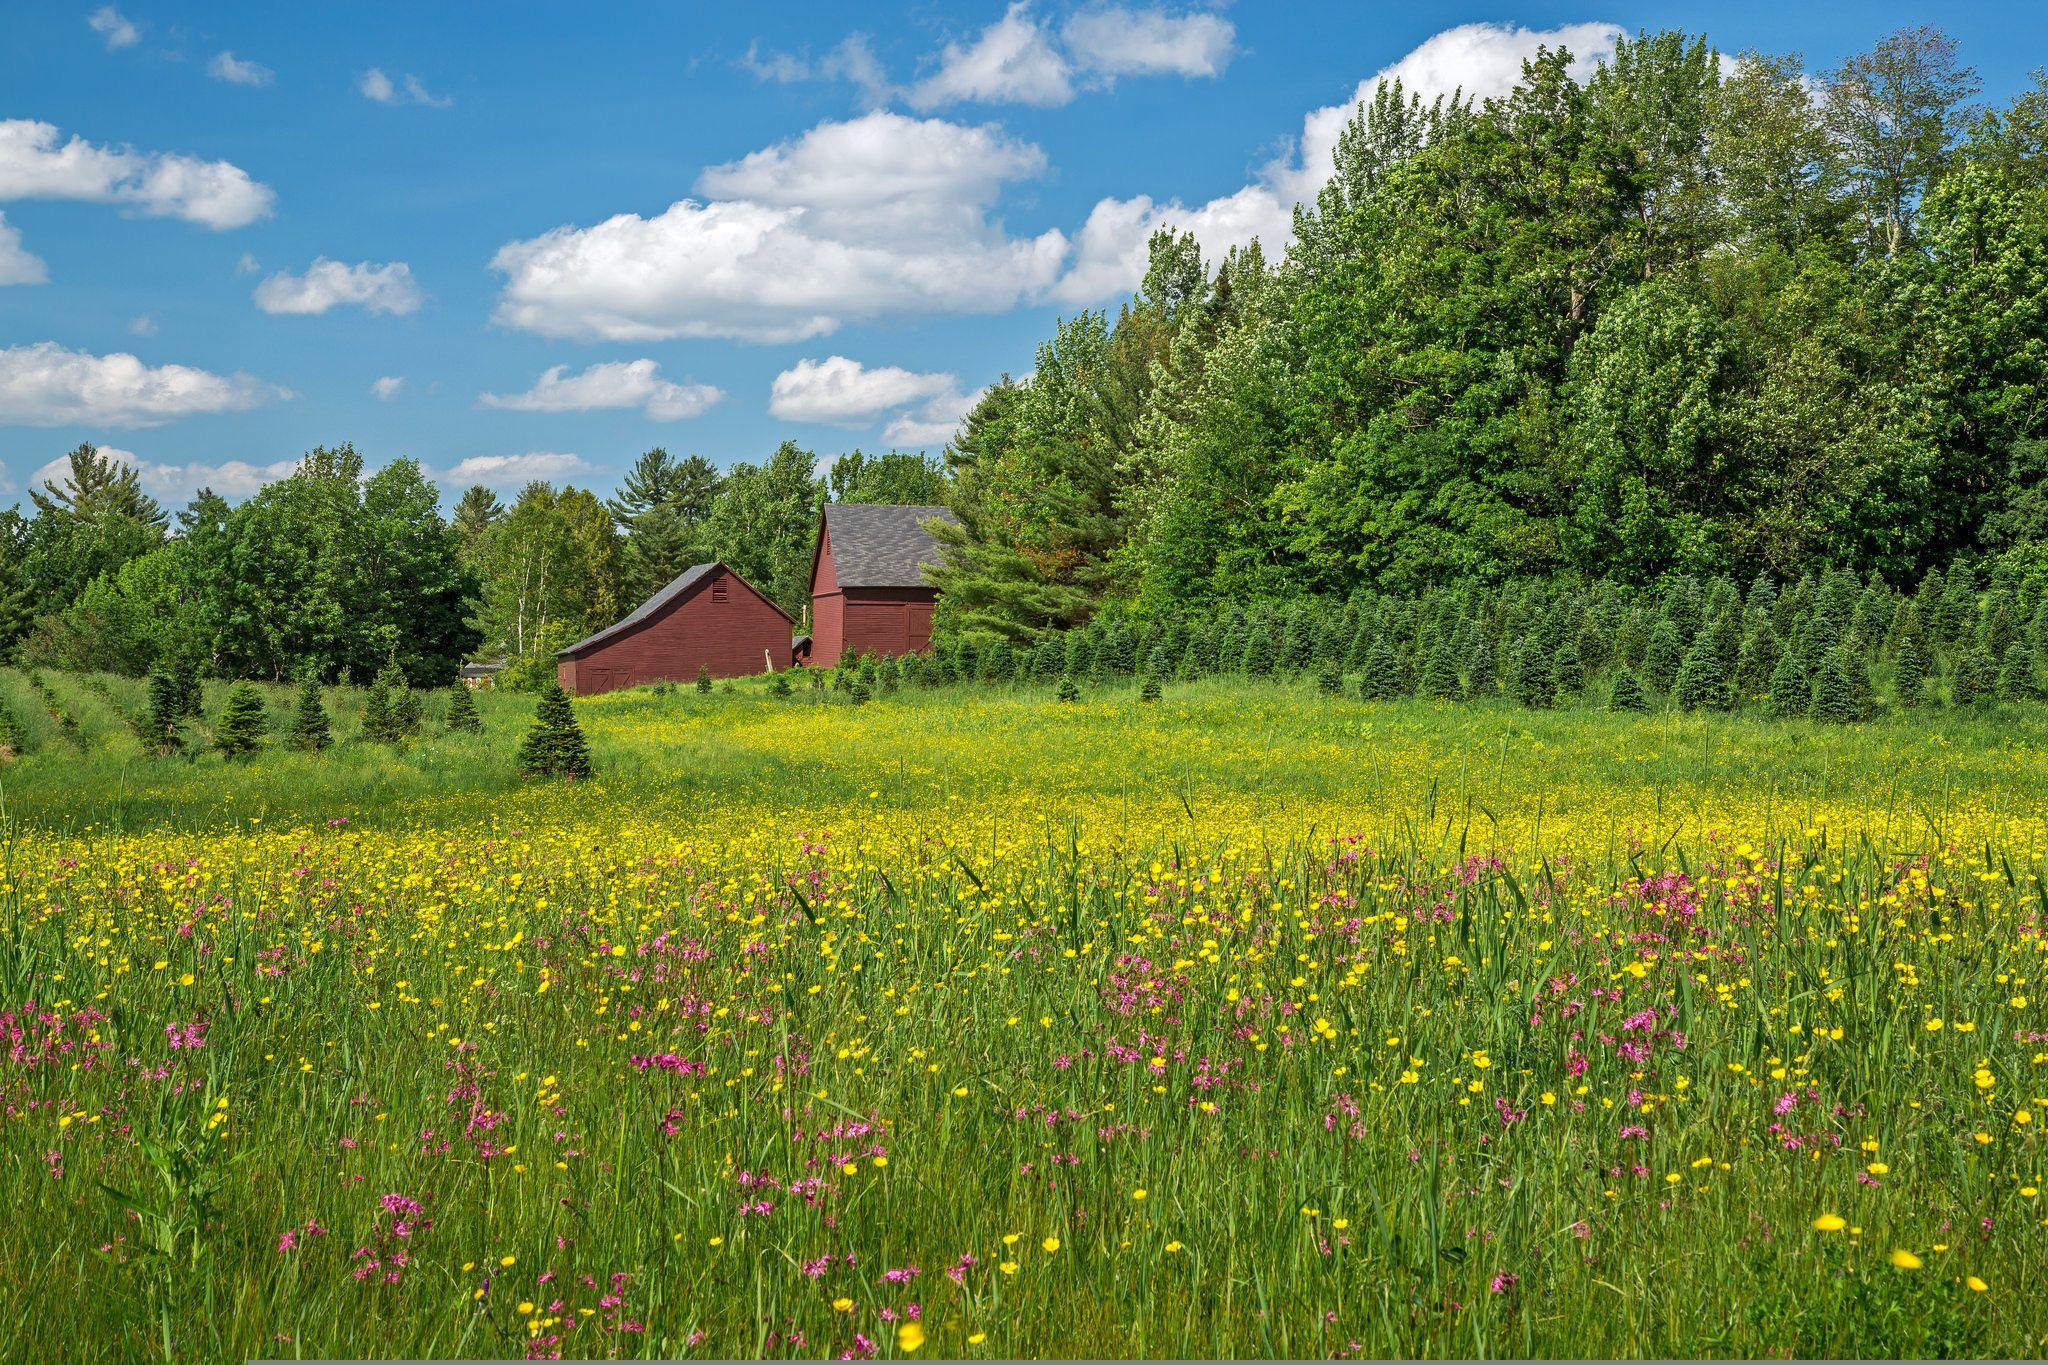 Загородная природа в картинках